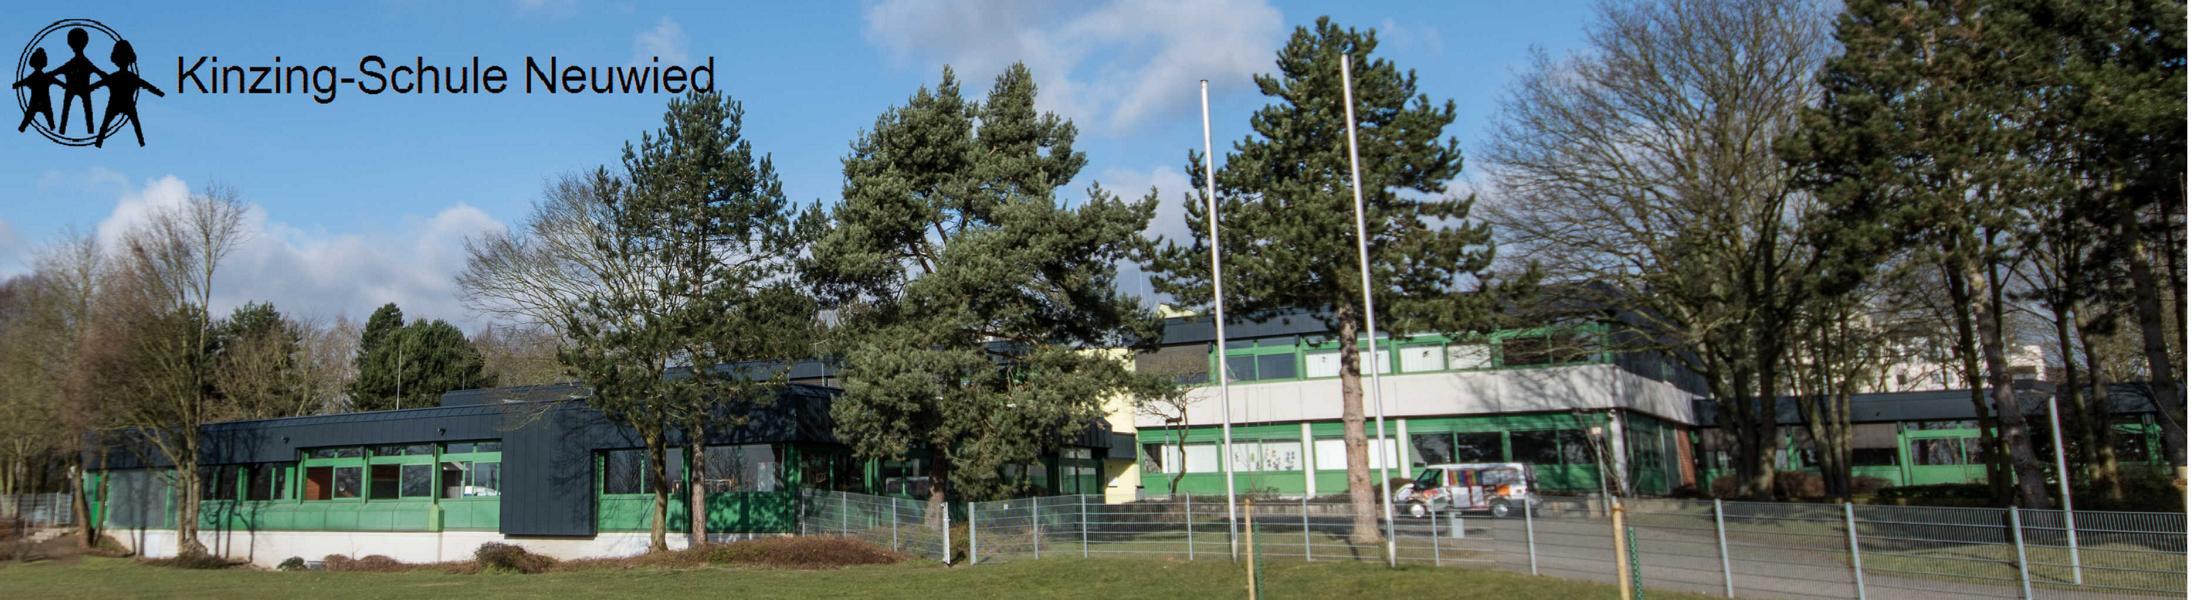 Kinzing-Schule